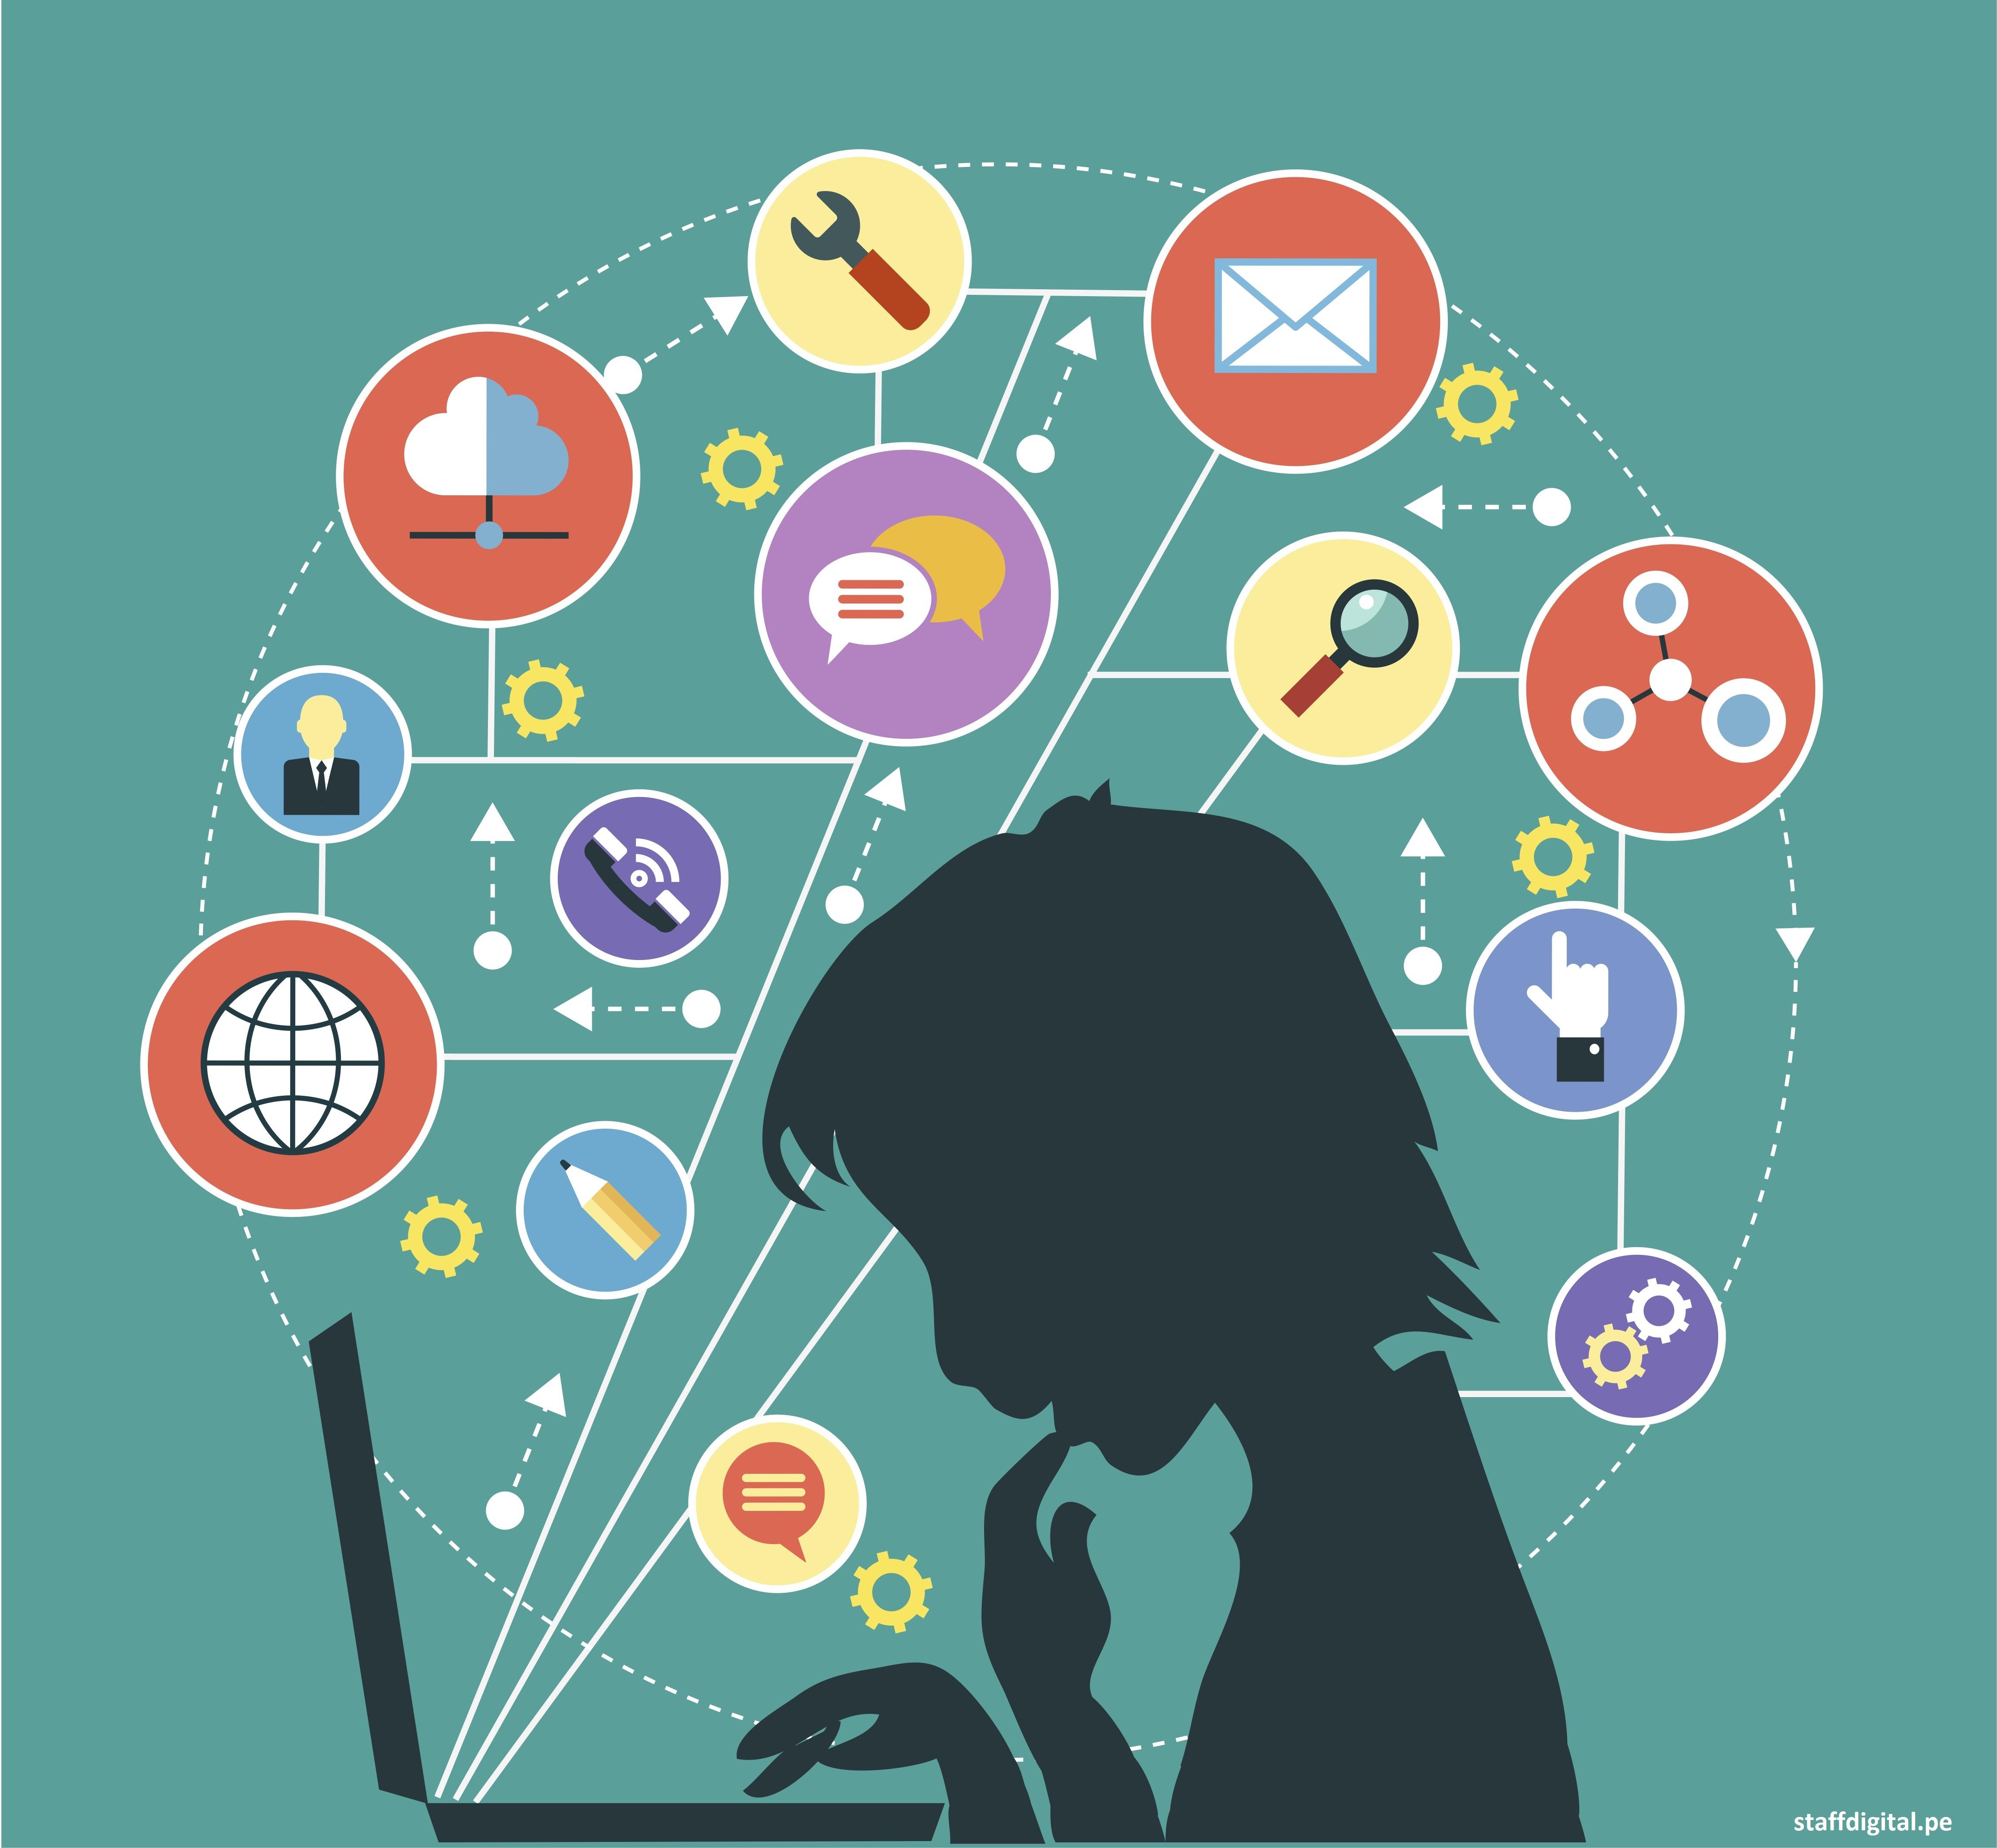 Habilidades y herramientas que debe manejar un Social Media Manager.